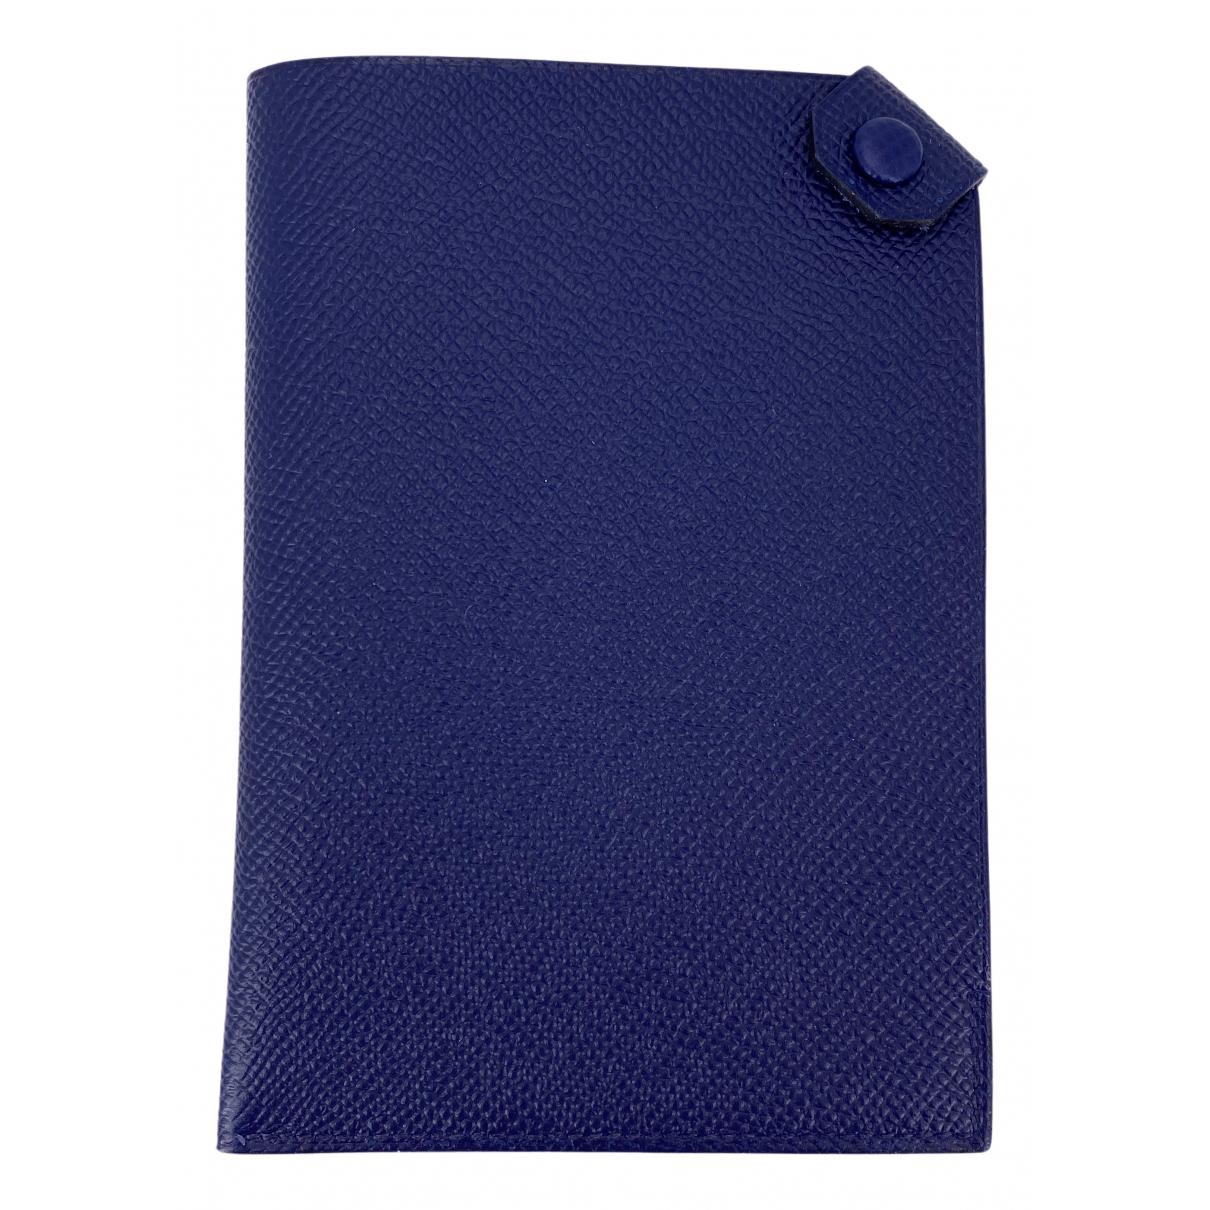 Hermes - Objets & Deco   pour lifestyle en cuir - bleu